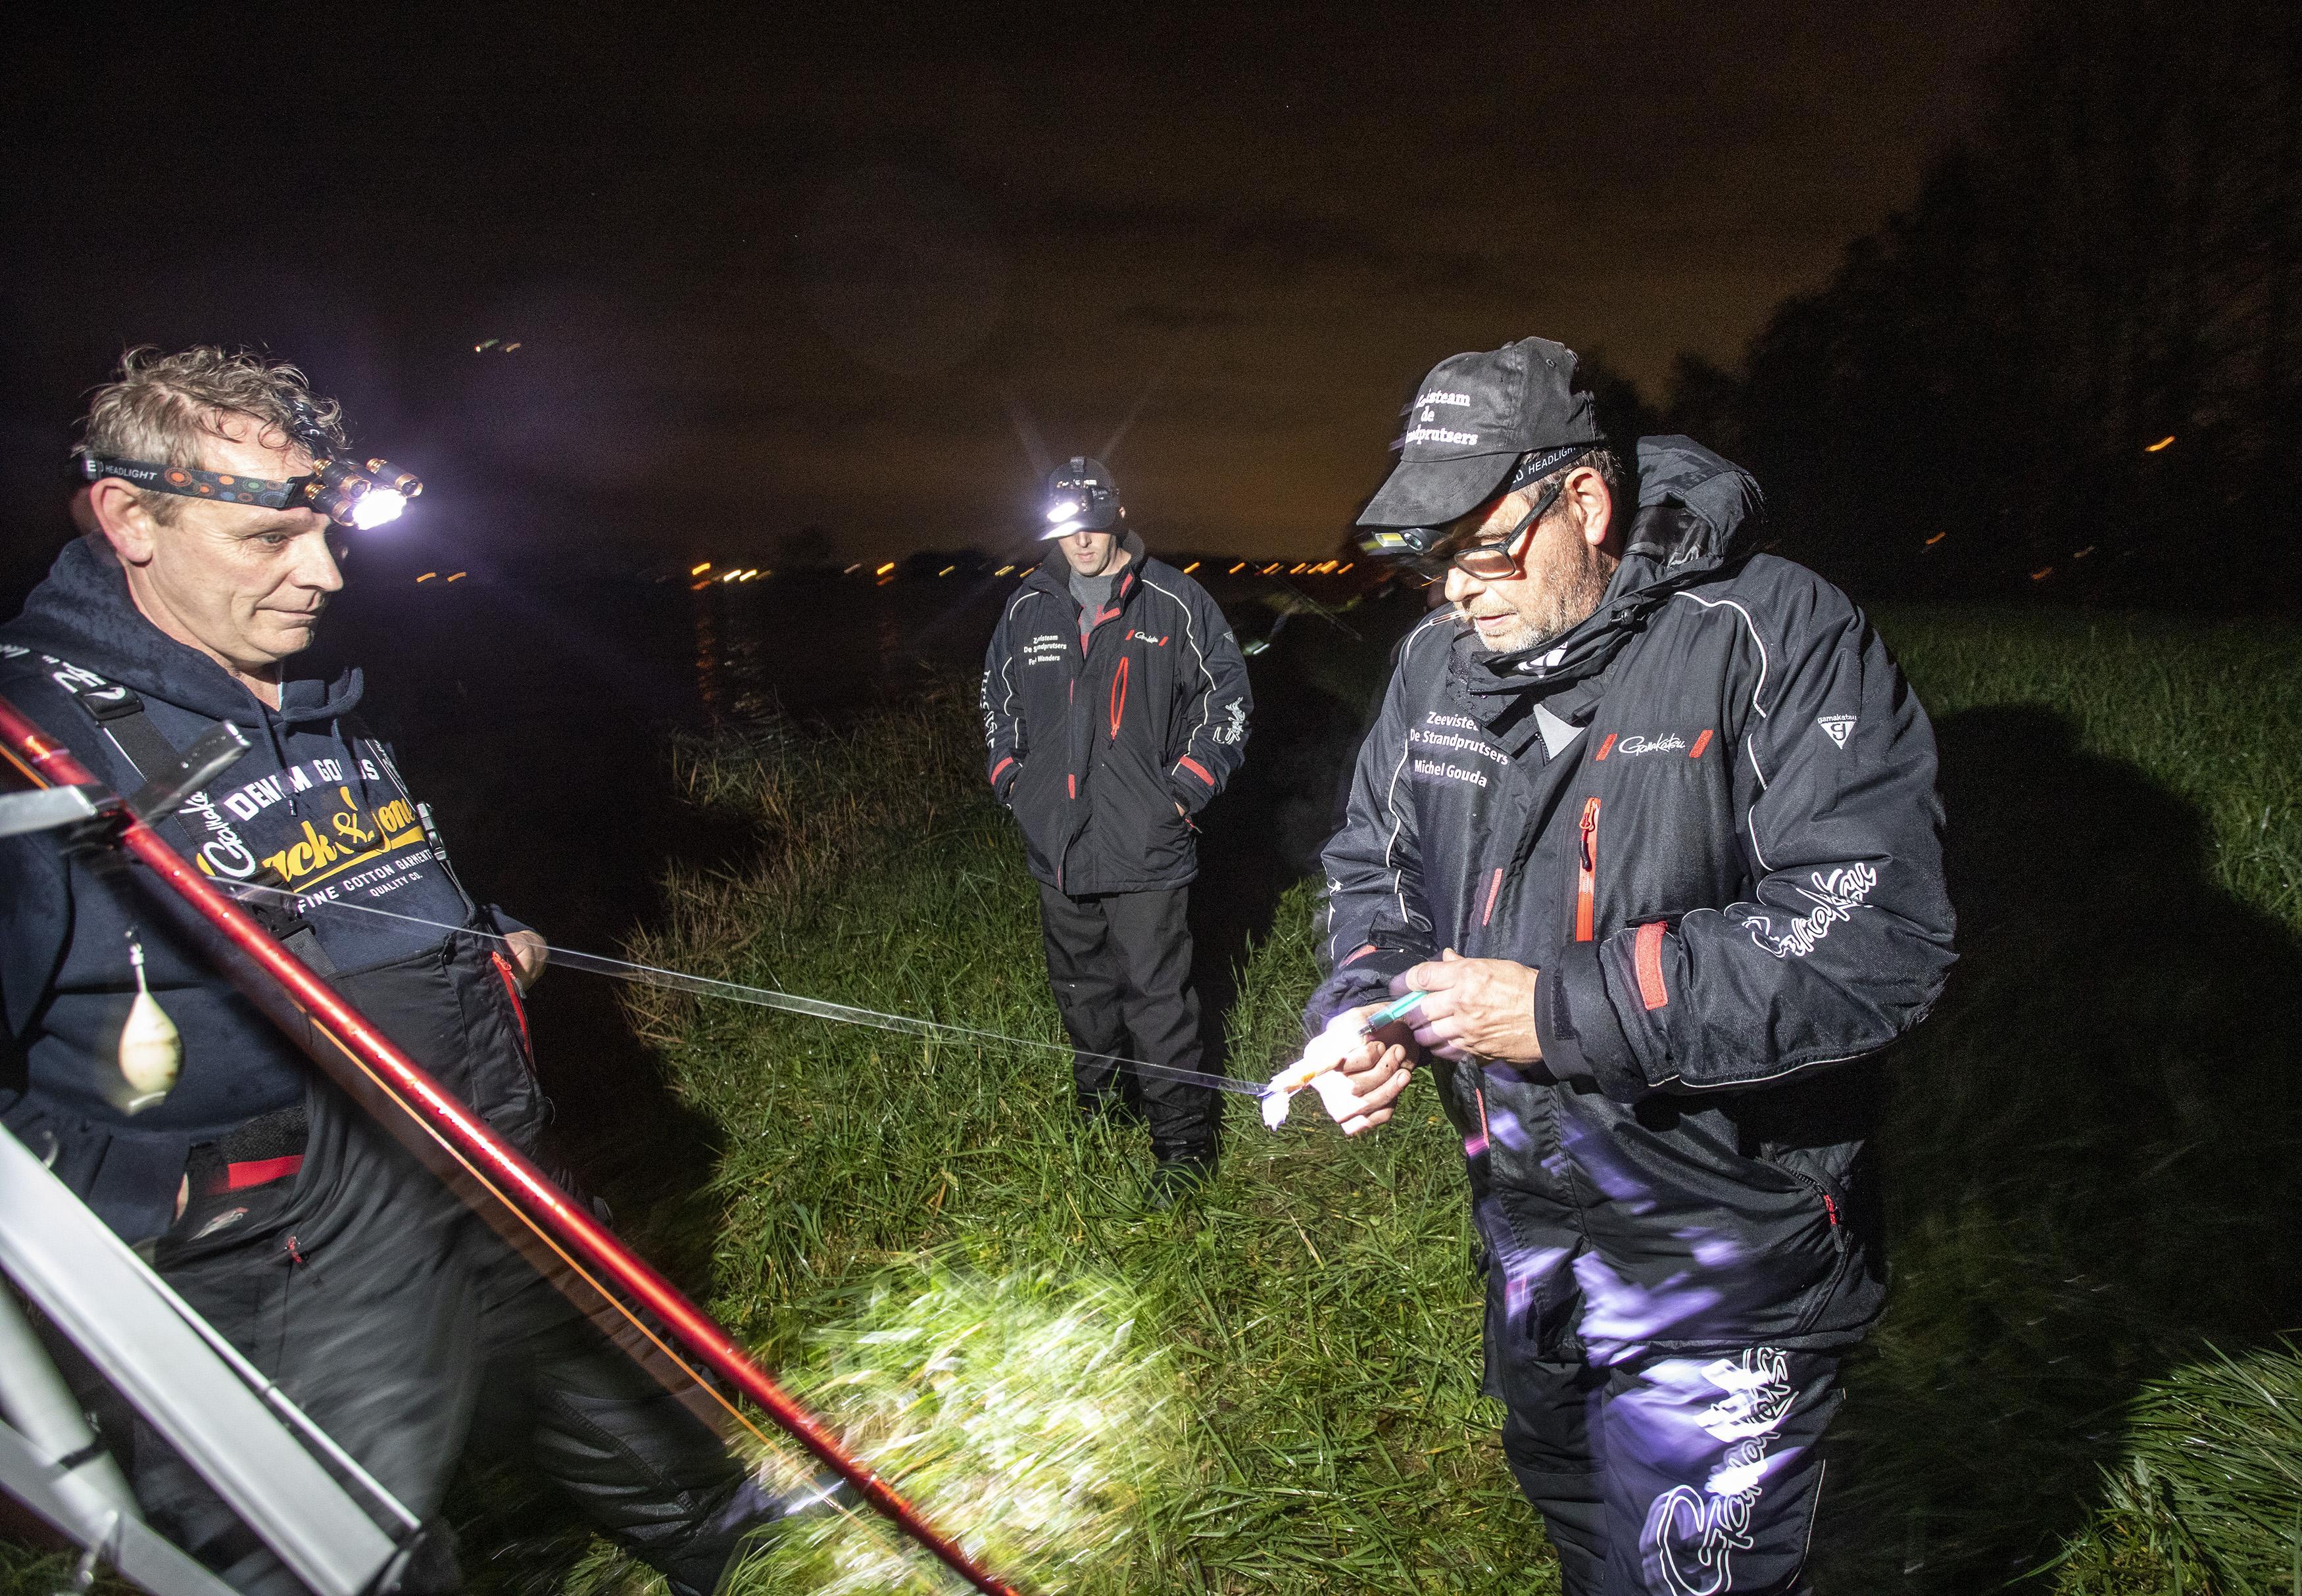 Hopen op hondshaai aan de haak bij het Noordzeekanaal: 'Het maakt niet uit wie hem vangt, we vangen hem samen'